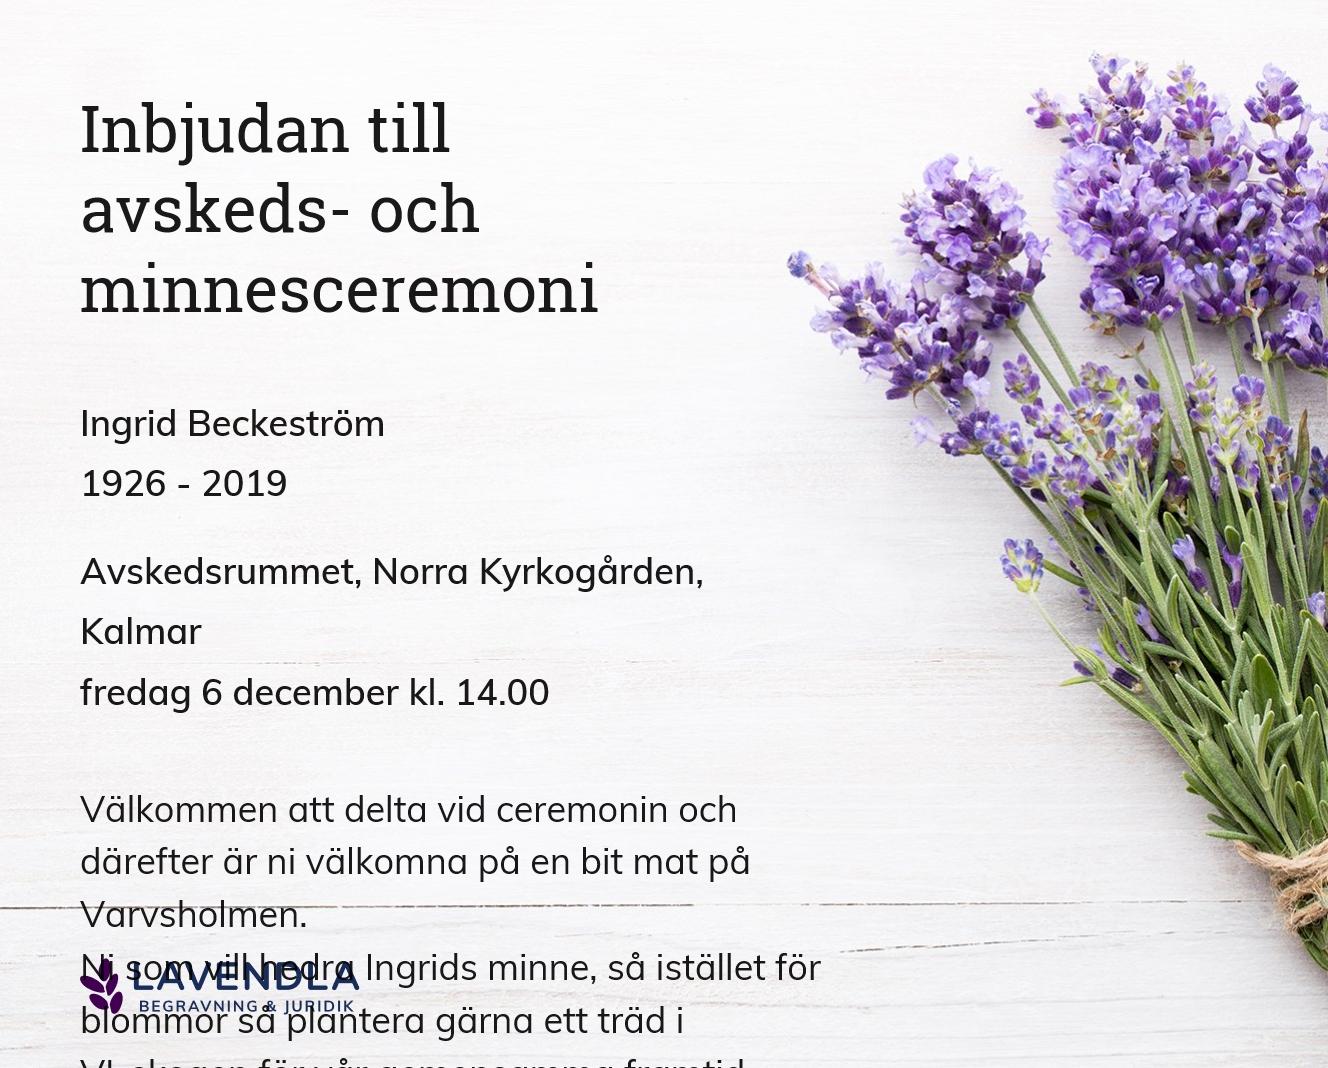 Inbjudningskort till ceremonin för Ingrid Beckeström